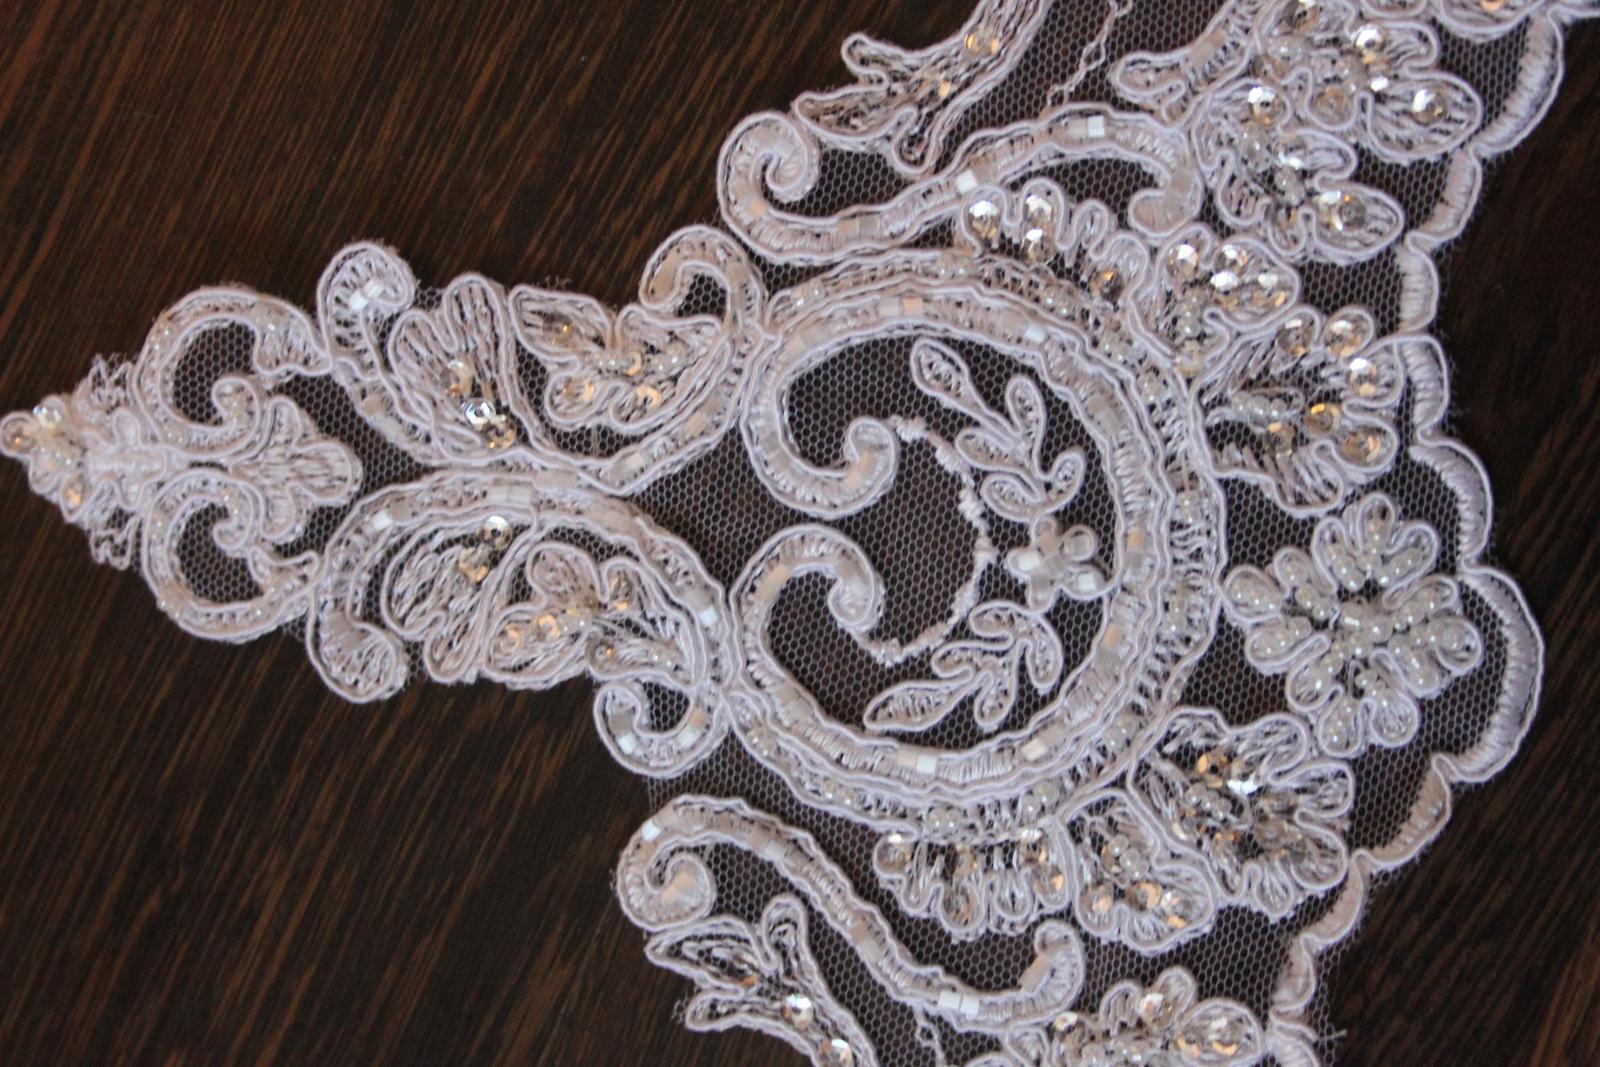 3 D Látky, aplikácie na svadobné šaty prípadne na iné dozdobenie - Obrázok č. 31